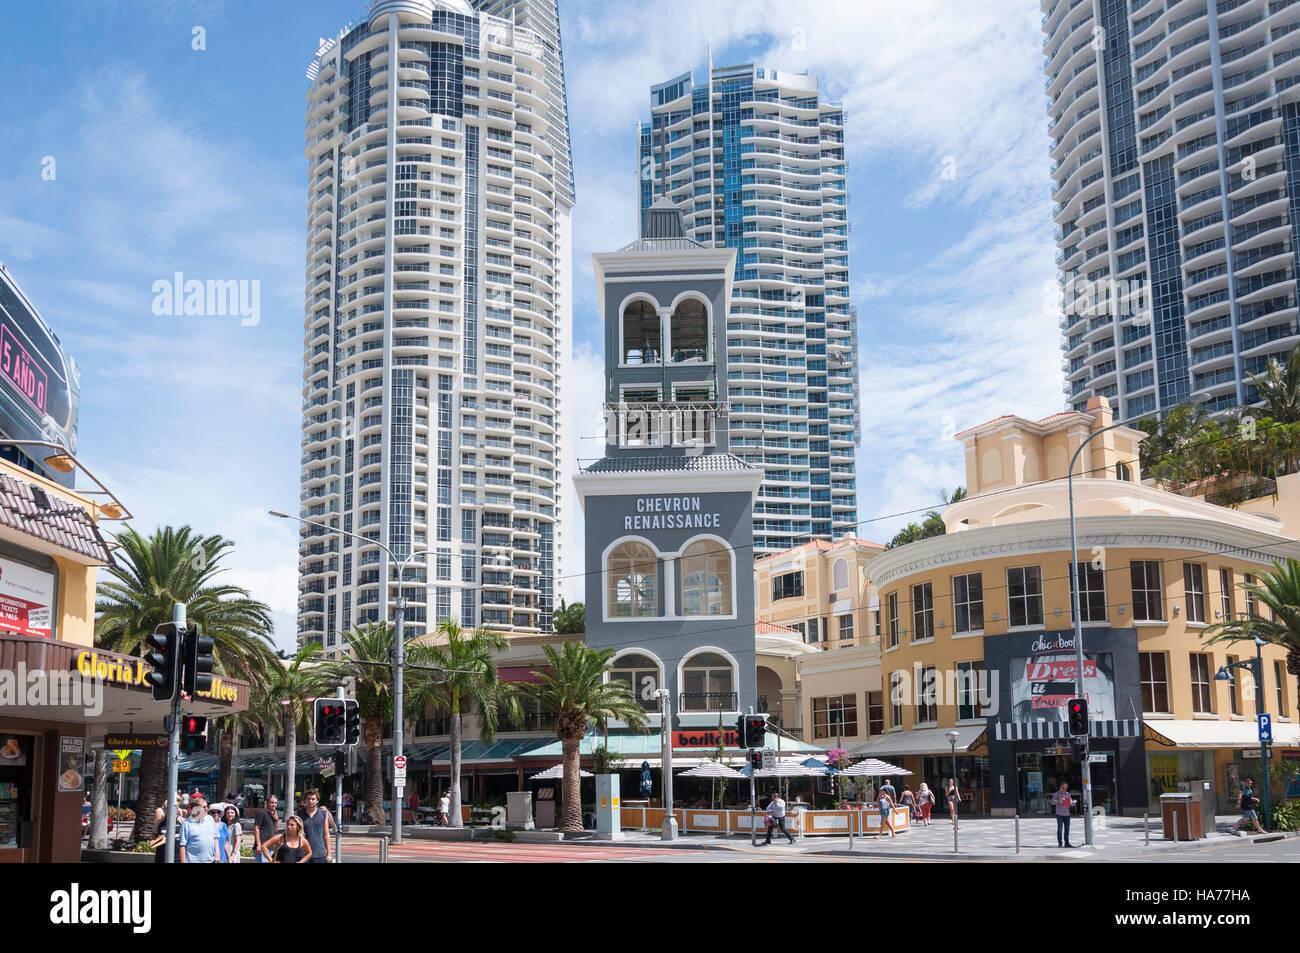 Chevron Renaissance Shopping Centre And Apartments, Elkhorn Avenue, Surfers  Paradise, Gold Coast, Queensland, Australia